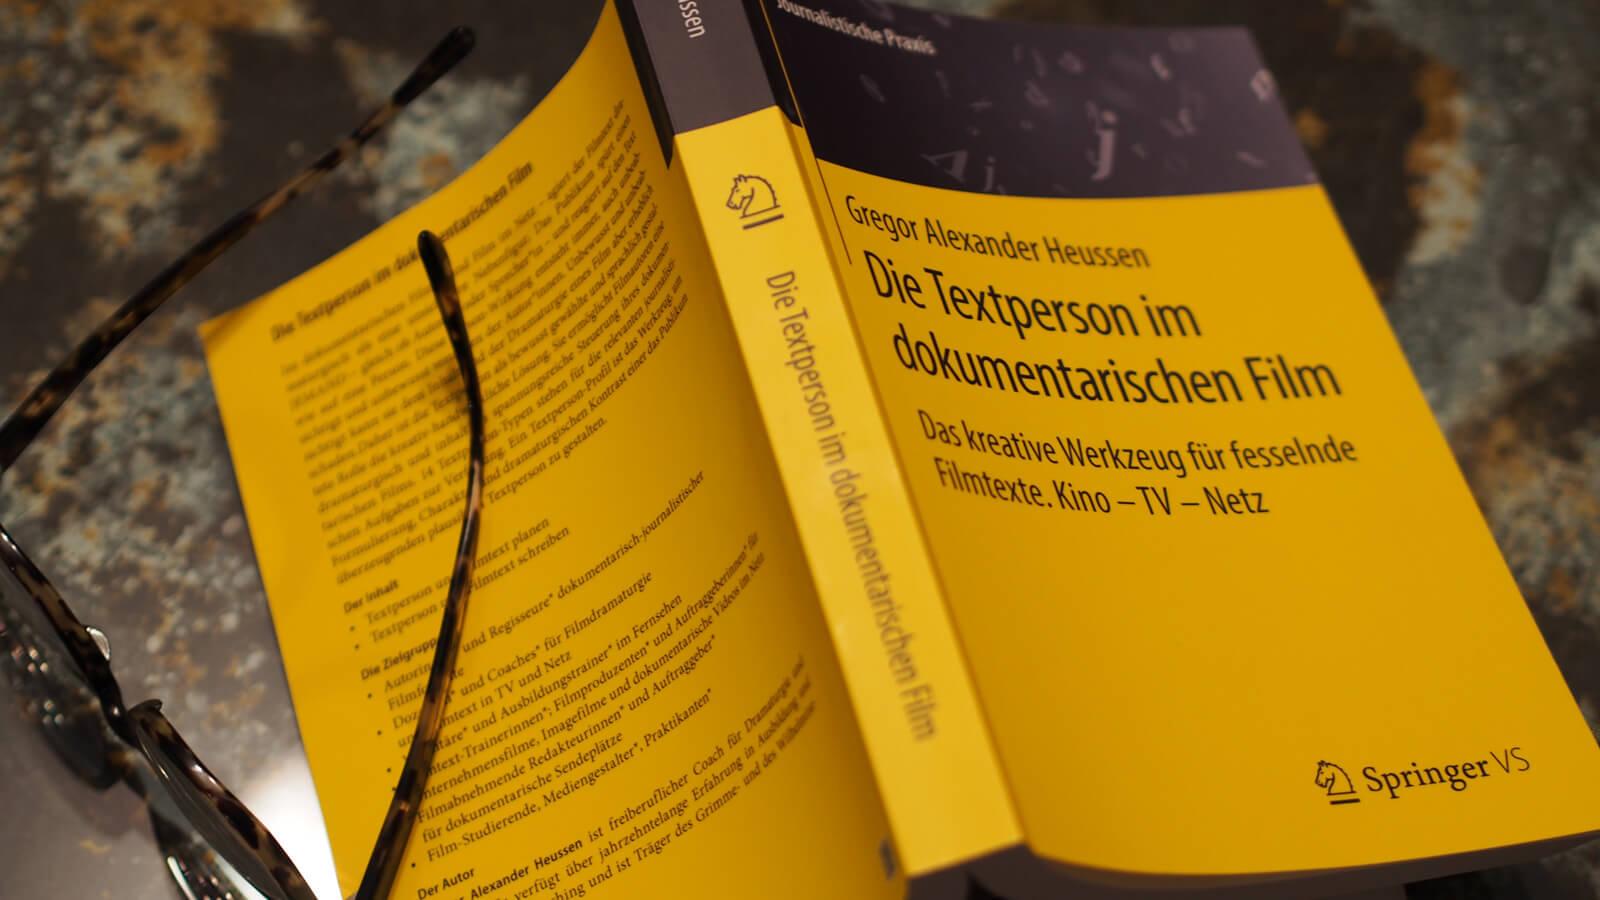 Gregor A. Heussen Buch »Die Textperson im dokumentarischen Film«